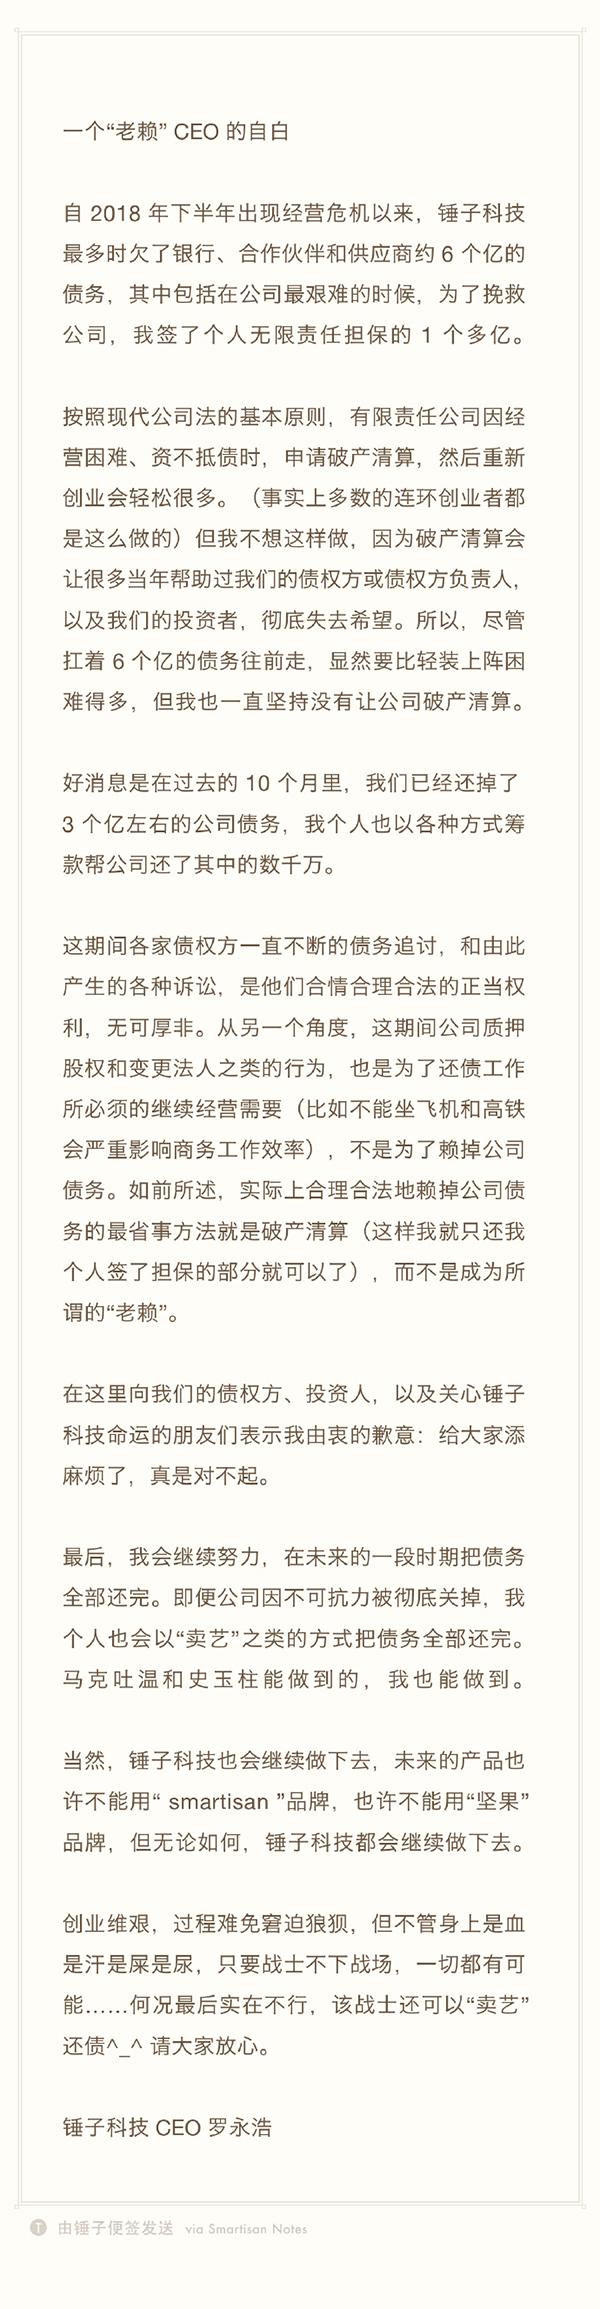 罗永浩回应被限制消费:即便公司关掉,个人也会